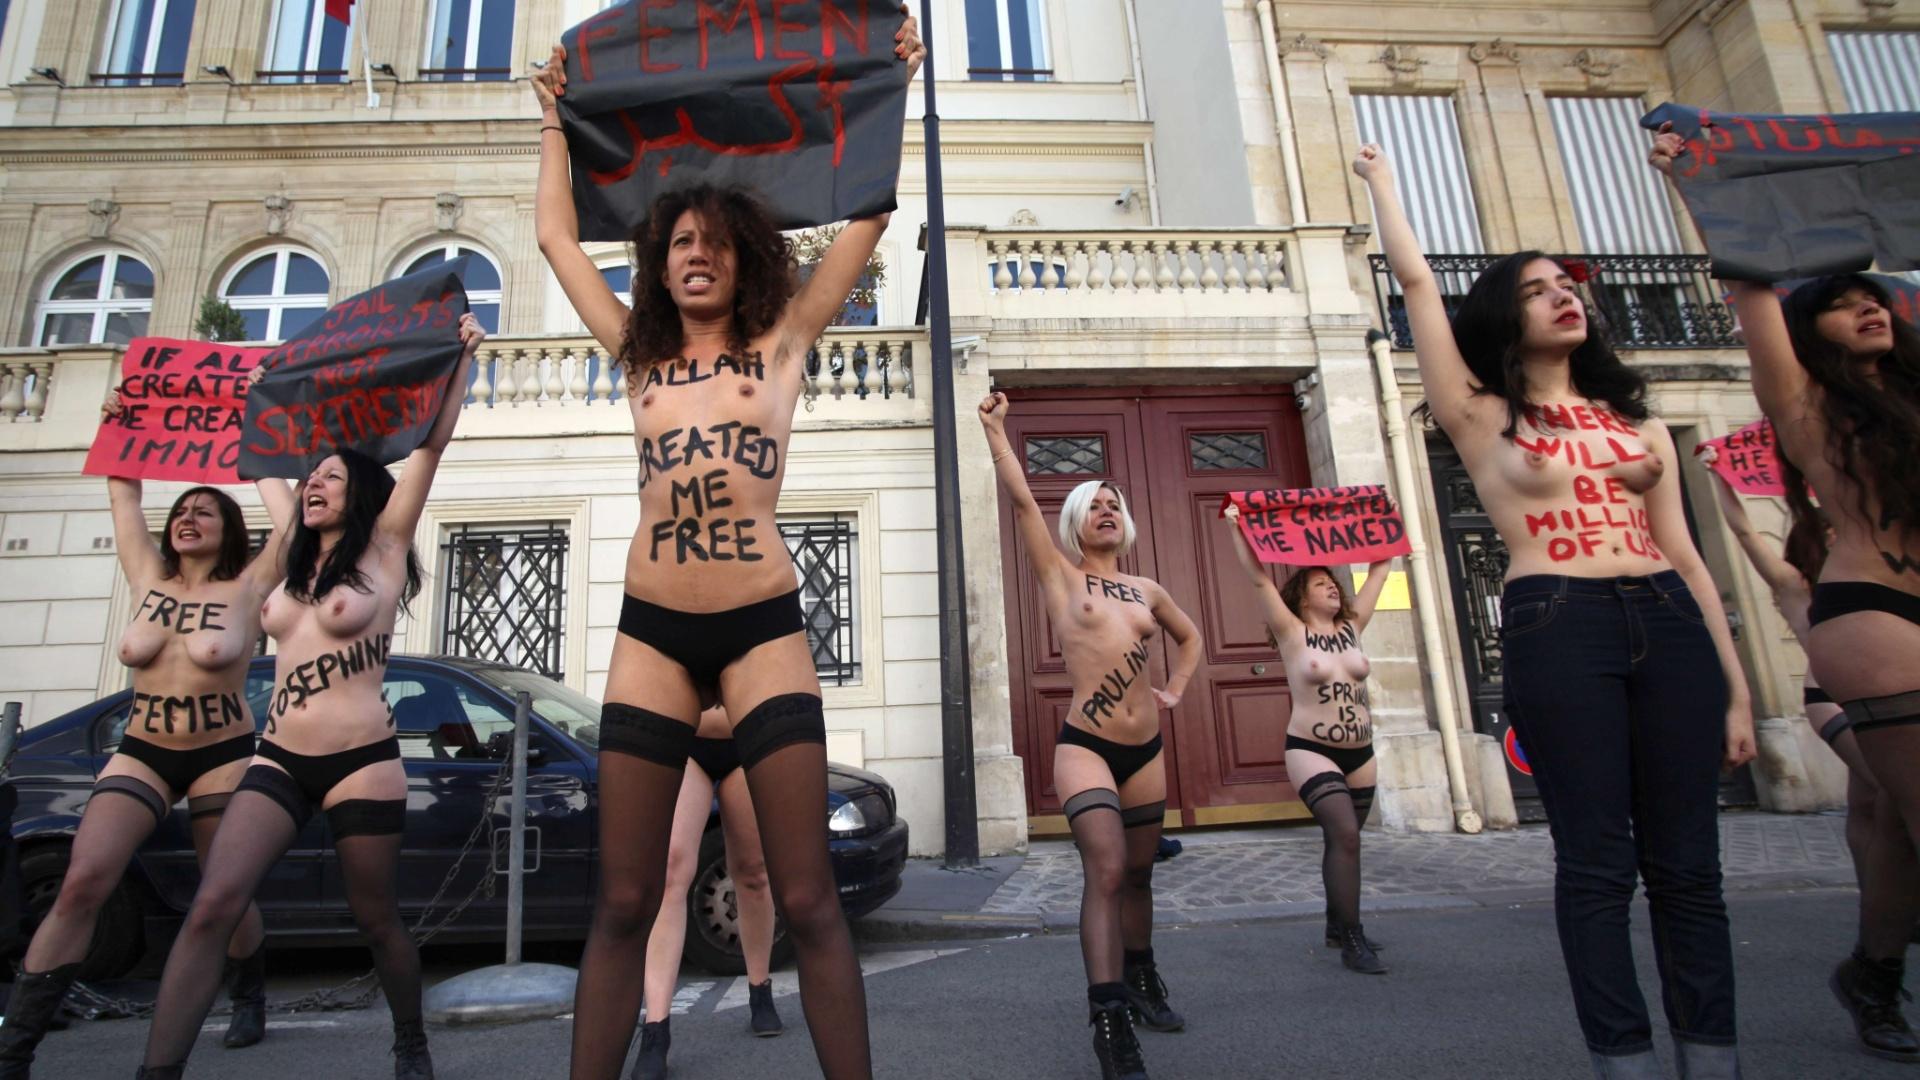 5.jun.2013 - Ativistas do Femen - grupo feminista famoso pelo uso de topless em seus protestos - simulam oração durante manifestação em frente à embaixada da Tunísia em Paris, nesta quarta-feira (5). As ativistas protestam contra o julgamento de três mulheres em Túnis, capital tunisiana, que fizeram protesto anti-islâmico mostrando os seios